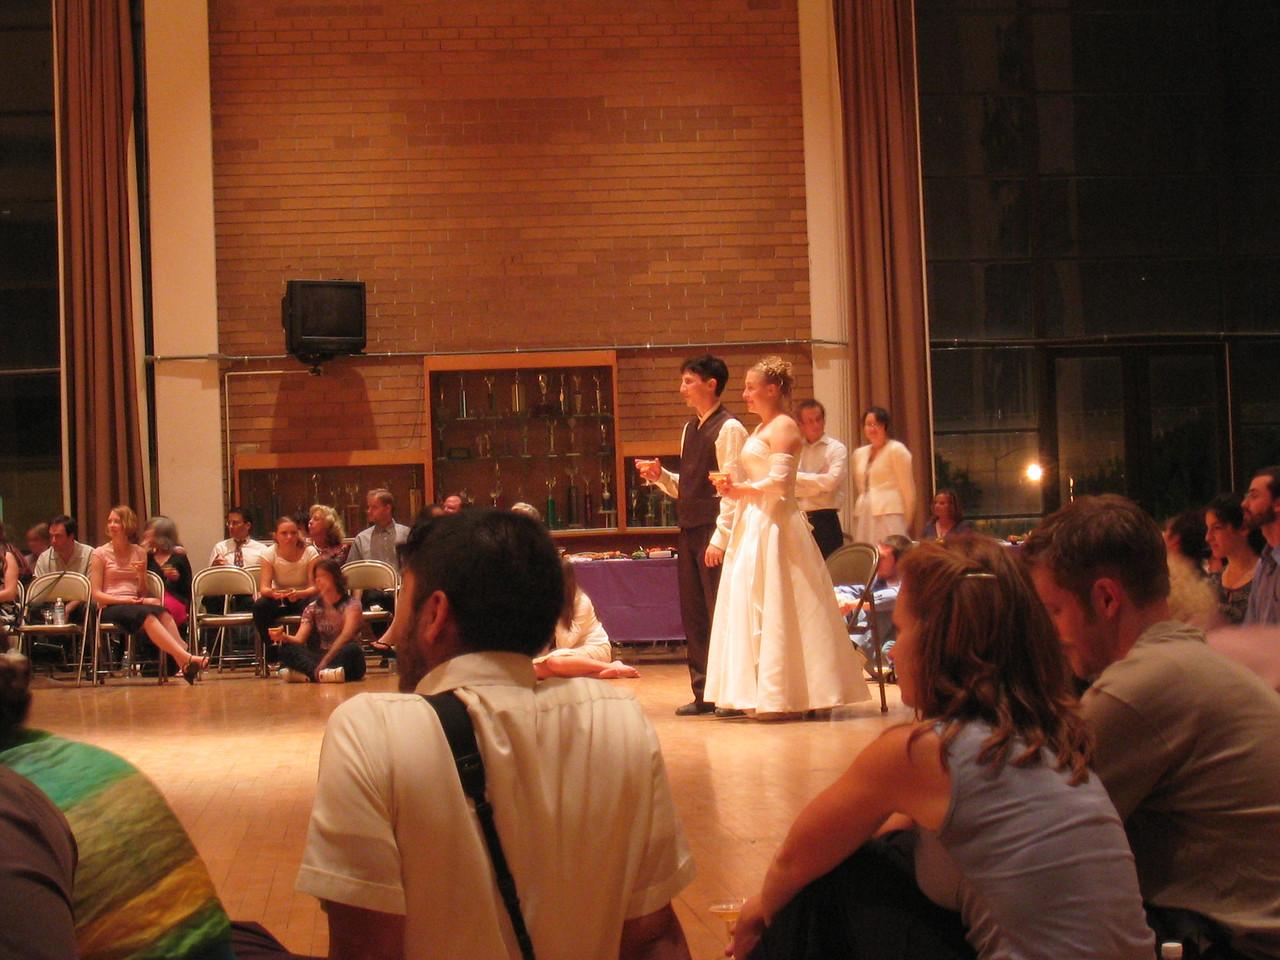 14 - Neil & Michelle receiving Daddy Harmon & Lockett's toasts